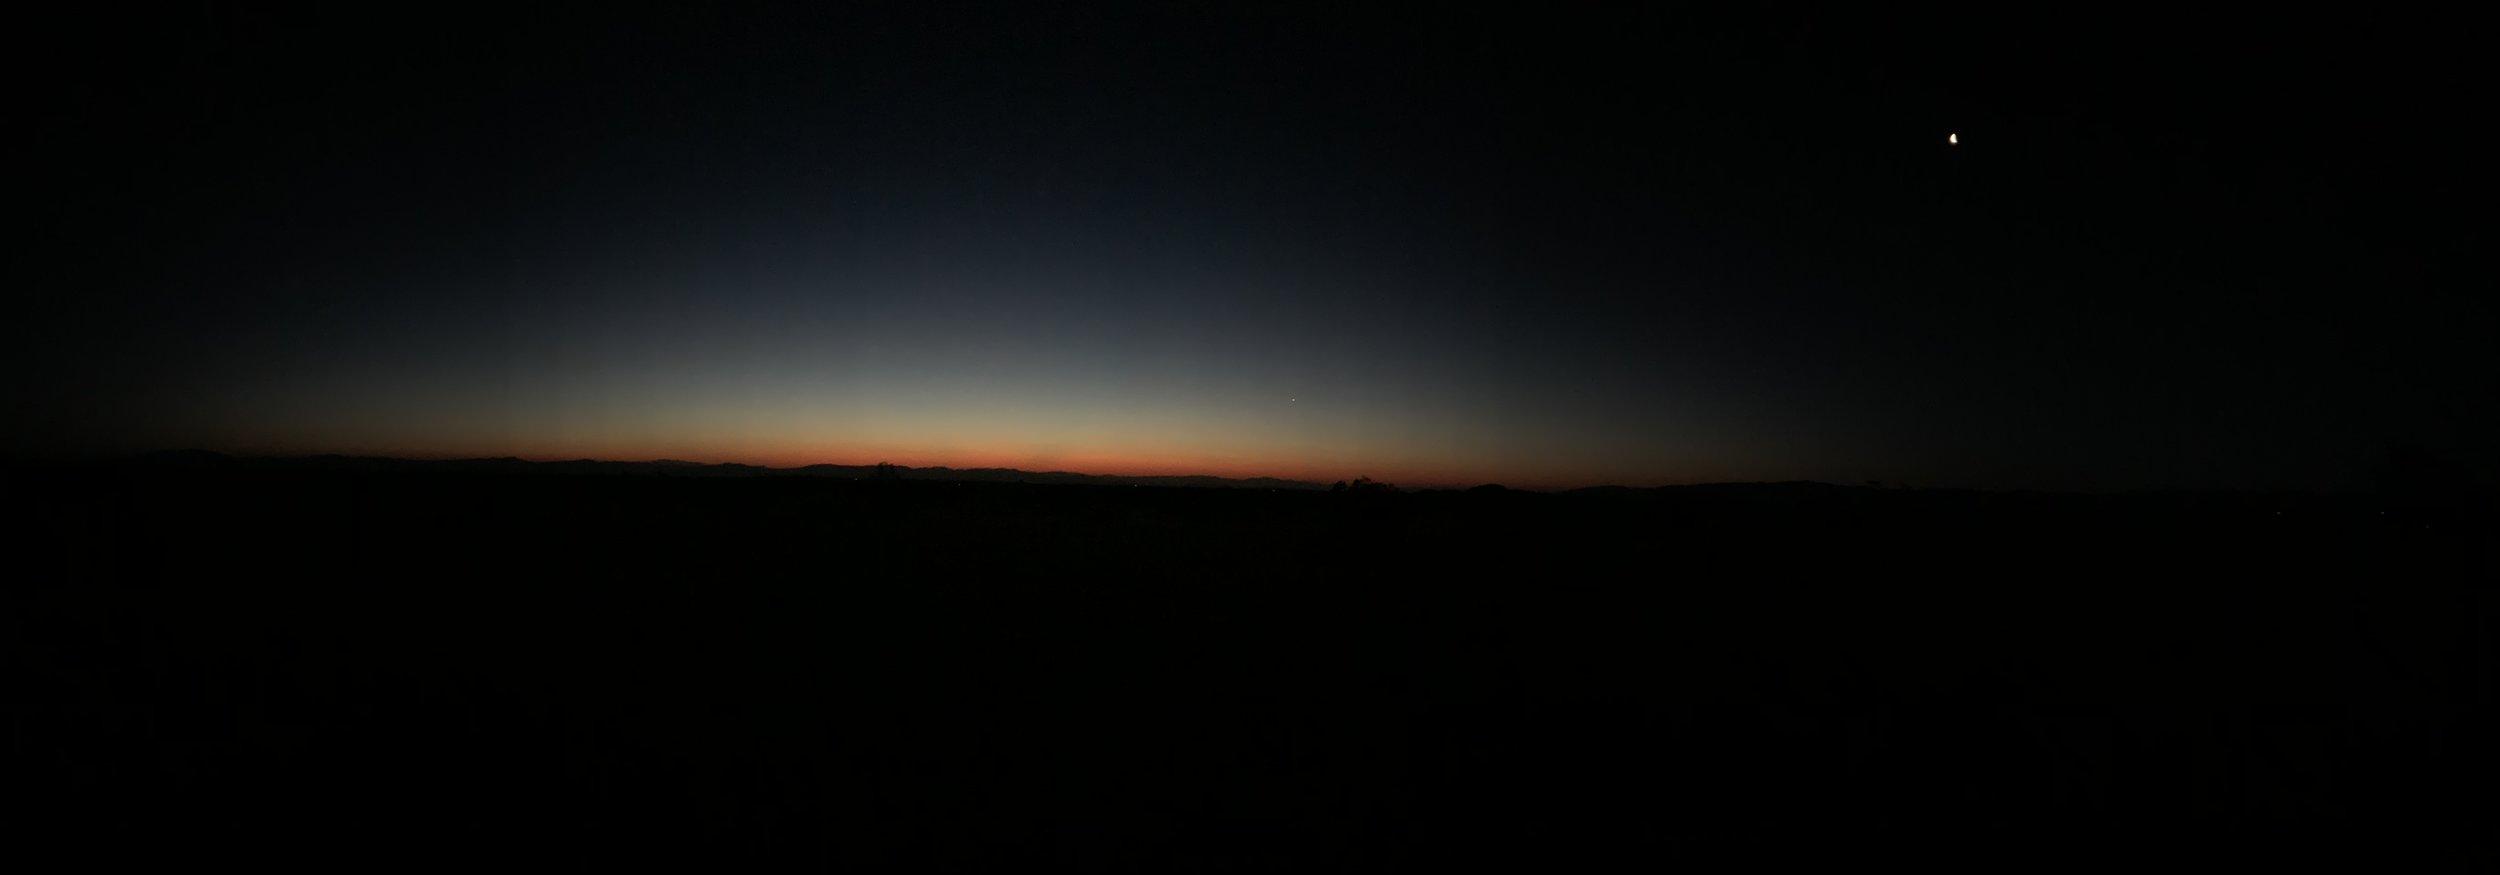 Joshua Tree at dawn